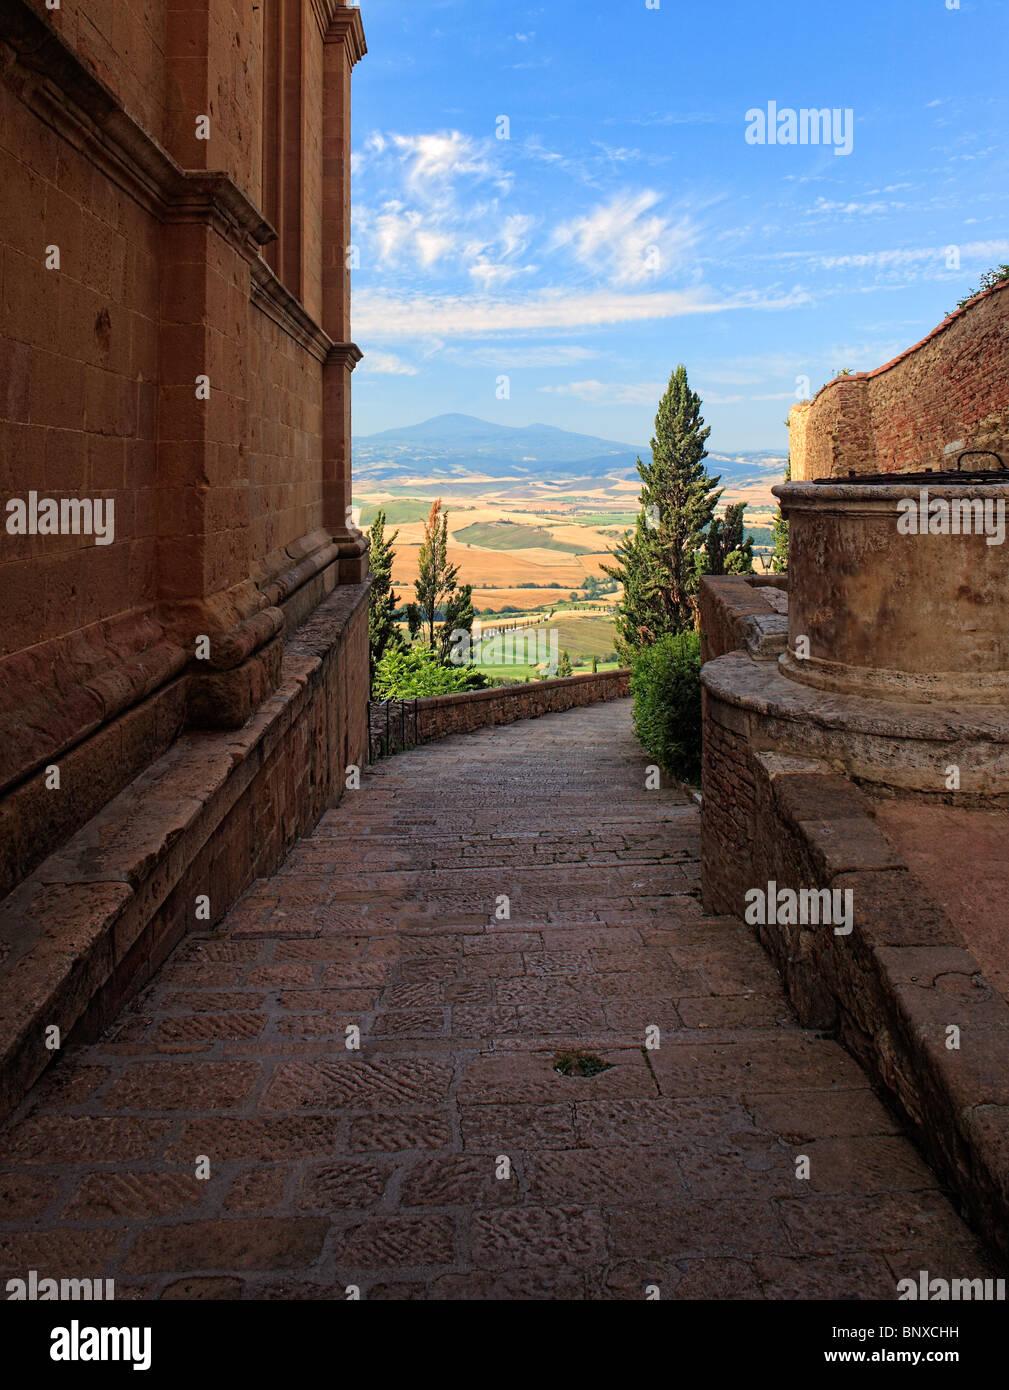 Passerelle à Pienza offre une vue somptueuse sur le paysage toscan Photo Stock